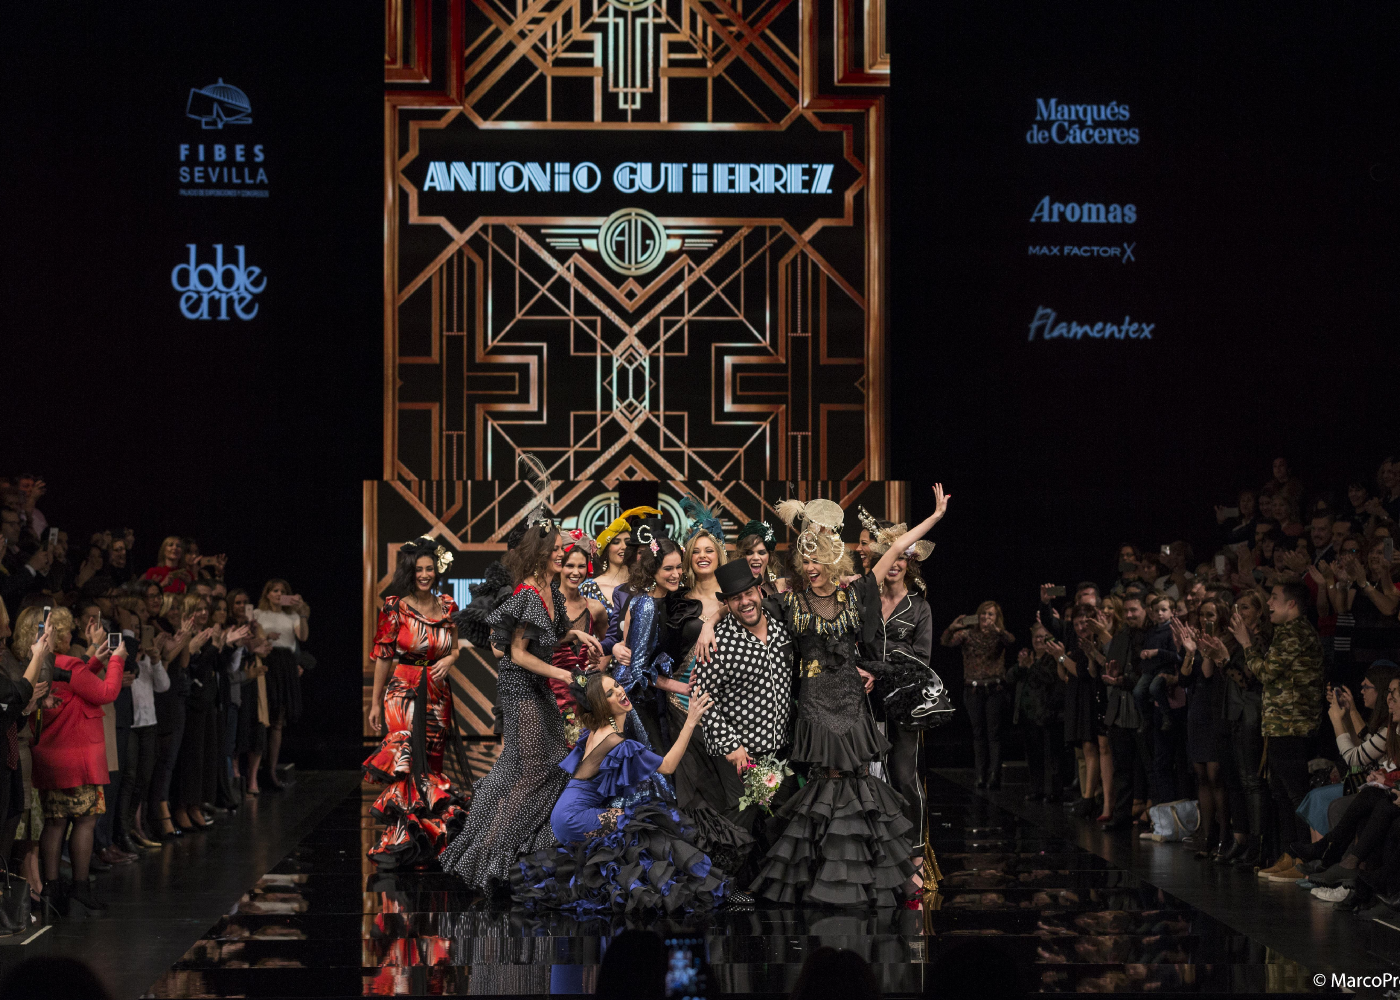 Diseñador y modelos desfile Simof 2017 Antonio Gurierrez